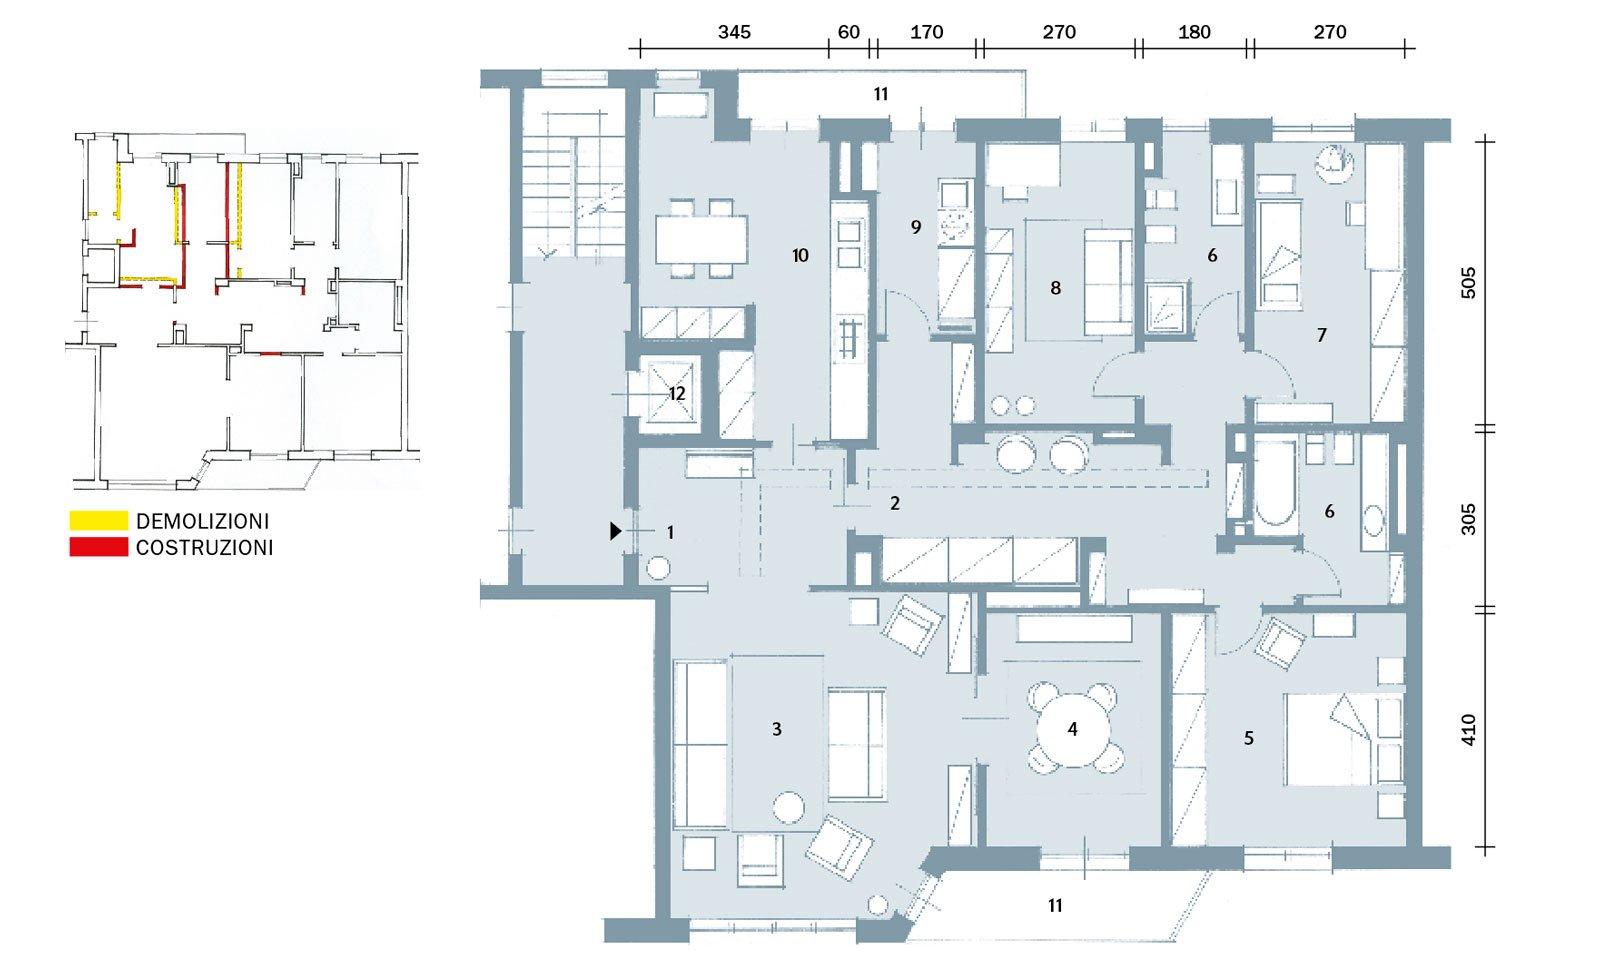 Dimensioni mobili cucina metod pensile con scolapiatti - Larghezza mobili cucina ...